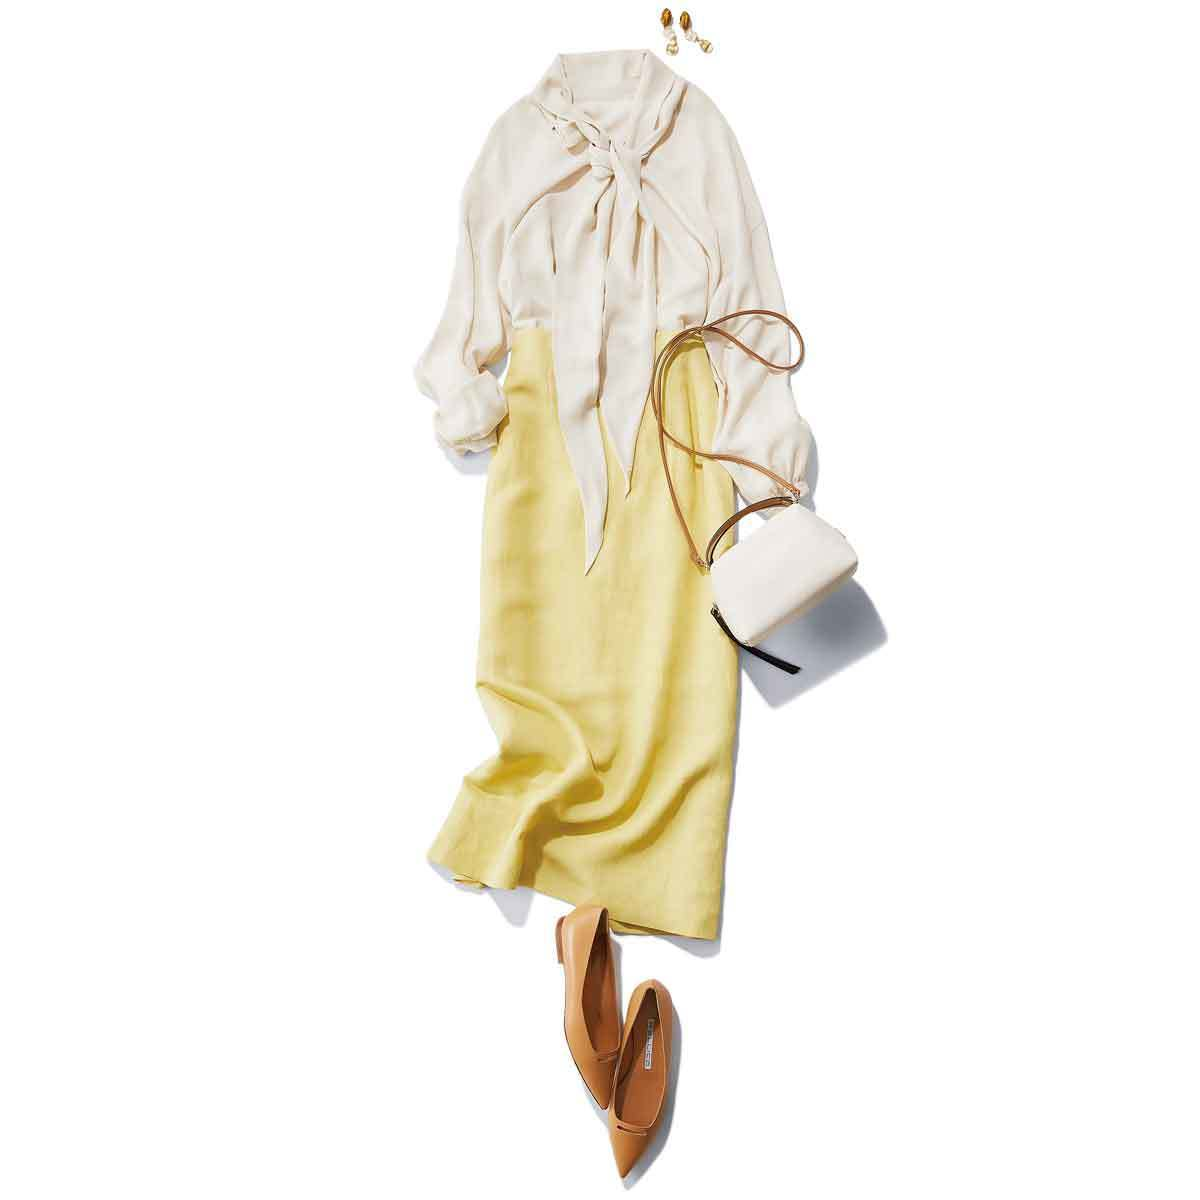 ■シルクのボウタイブラウス×イエローのタイトスカートコーデ